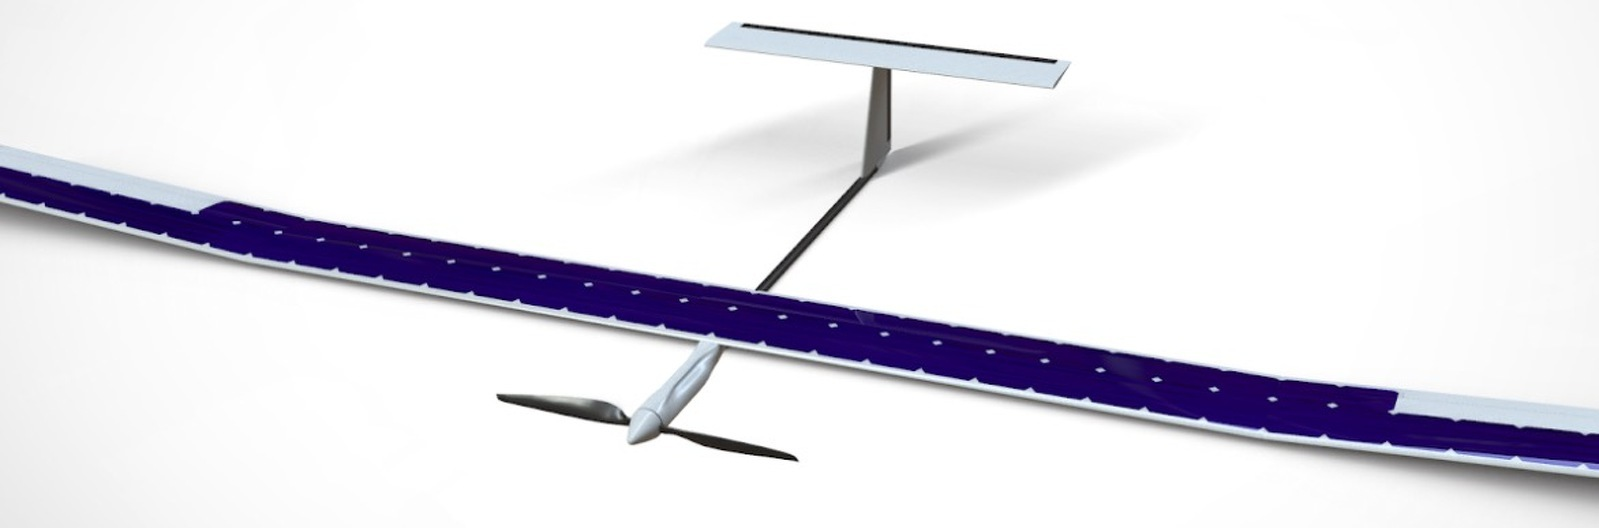 Avió solar no tripulat de baix cost i autonomia infinita